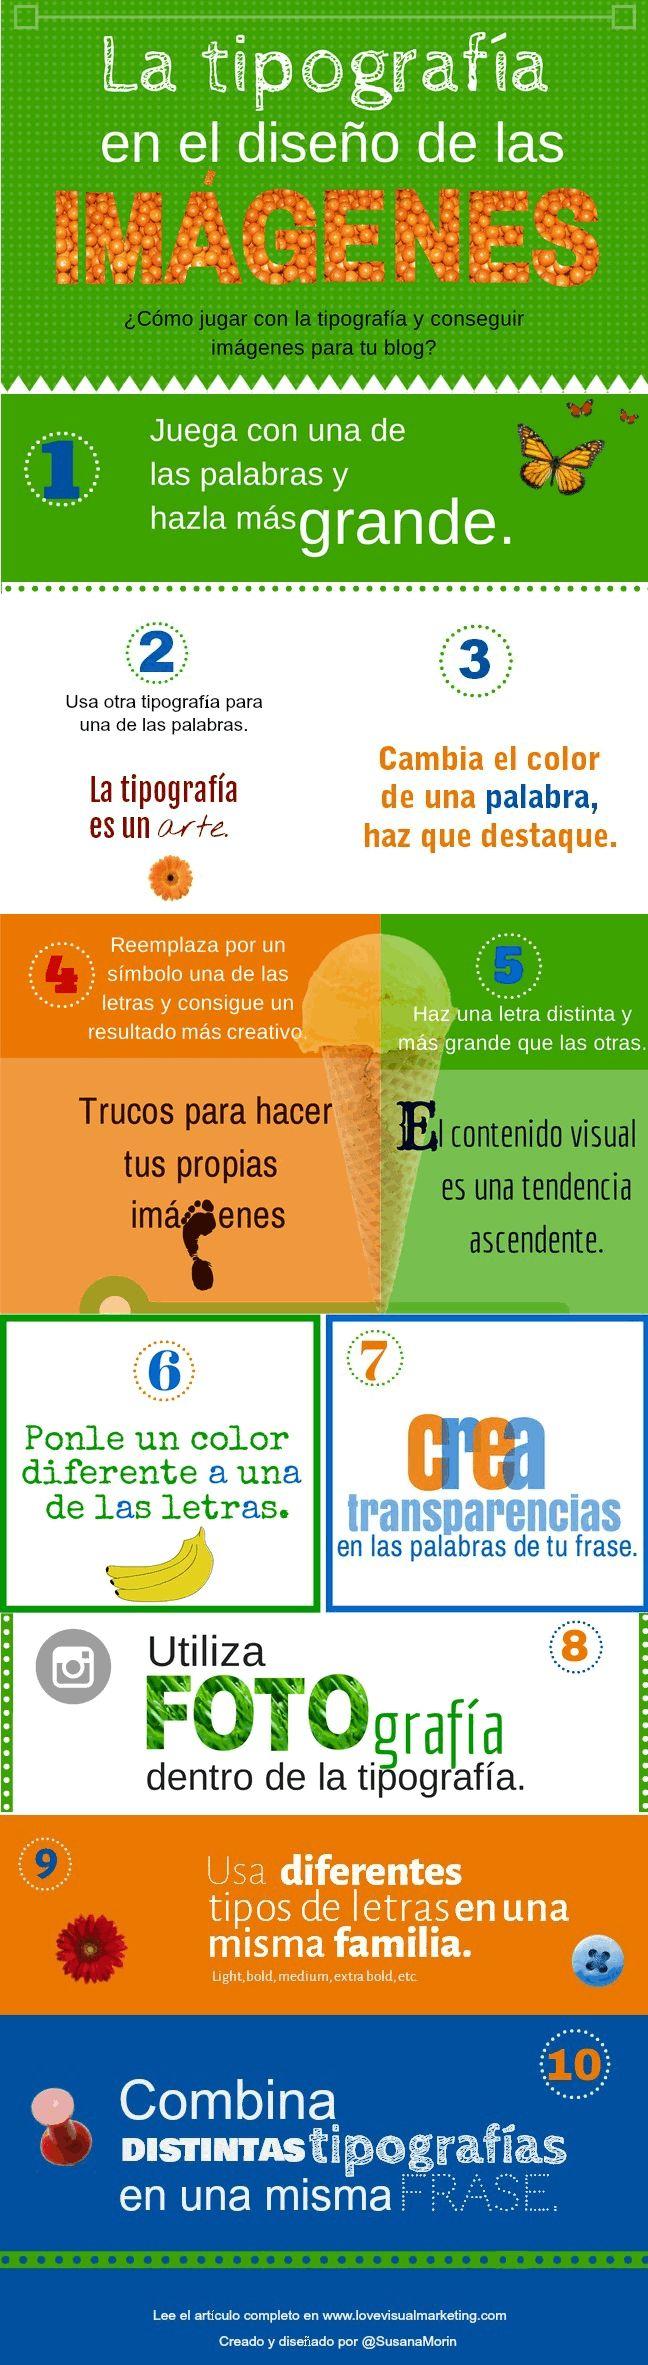 La tipografía en el diseño de imágenes #infografia #infographic #design